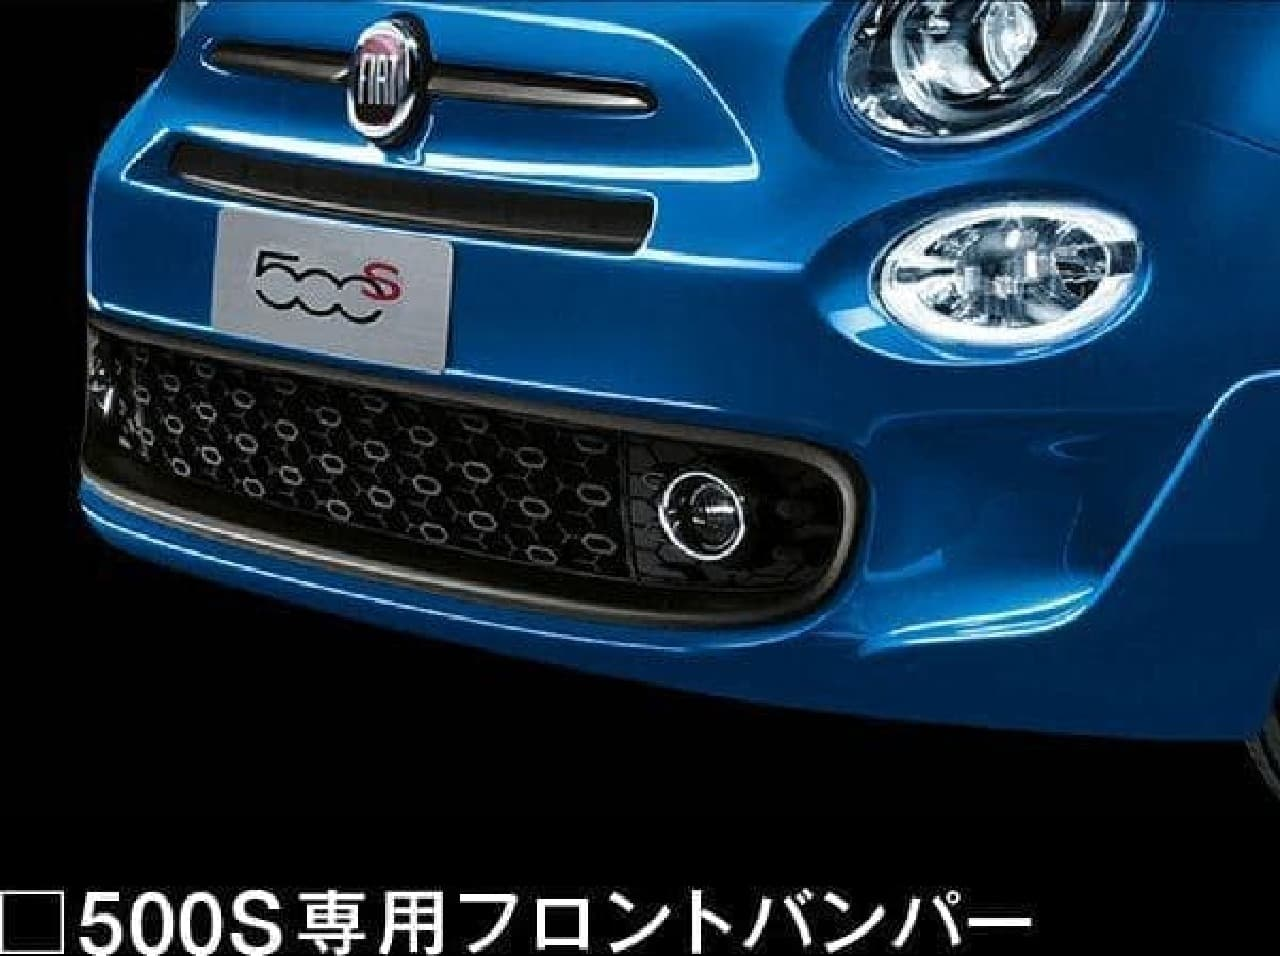 マニュアルトランスミッションのチンク「Fiat 500S」